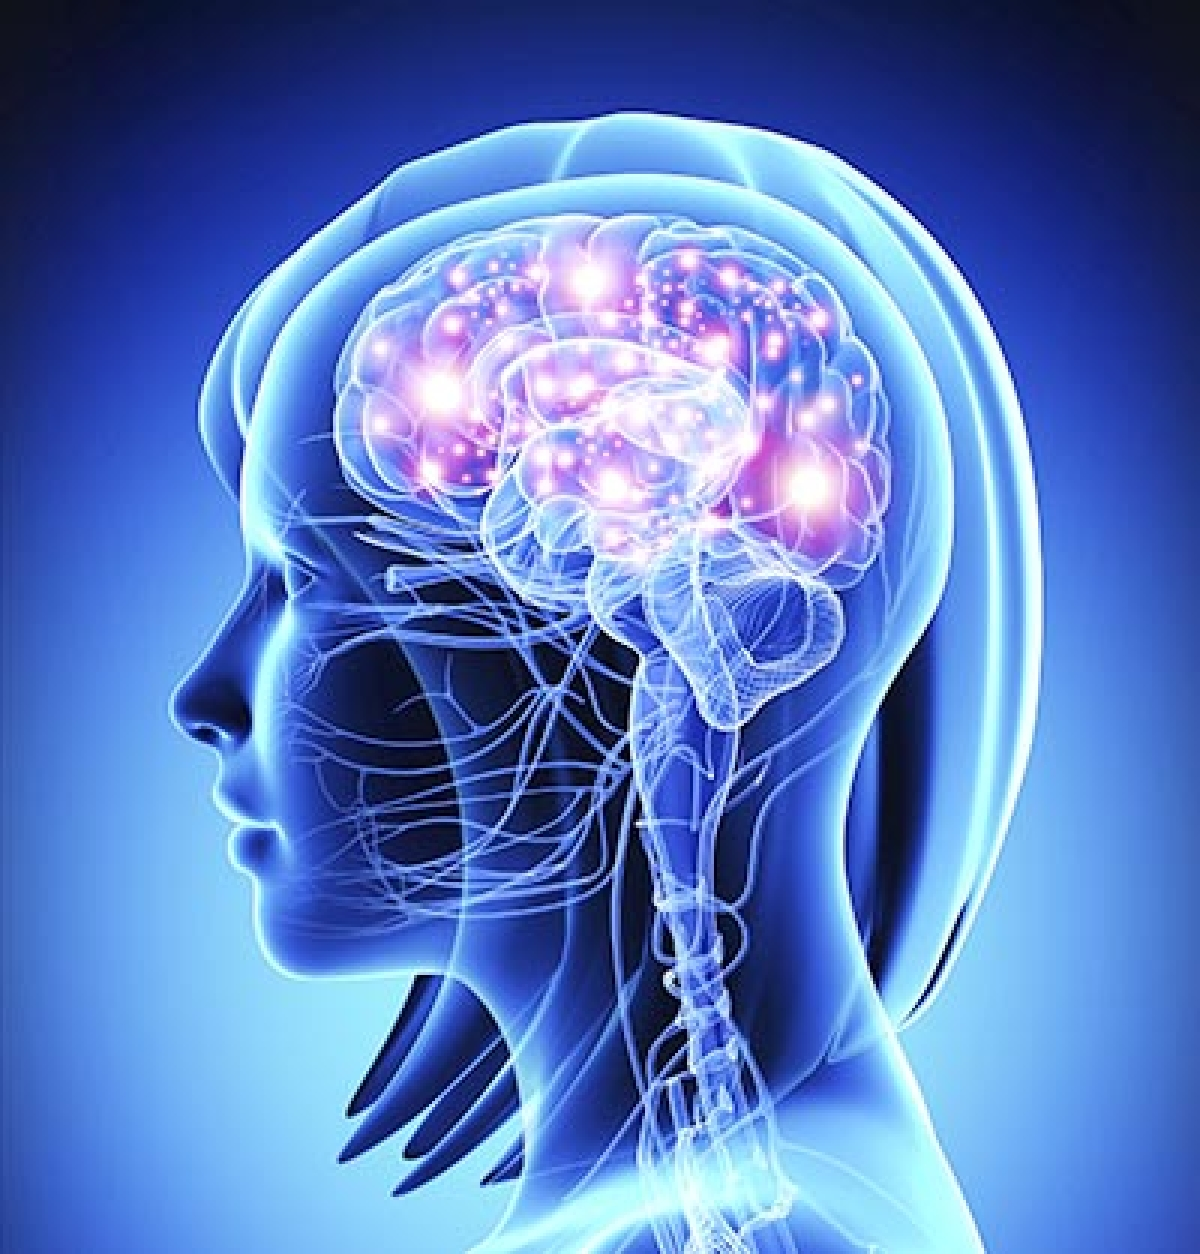 Enhancing brain function may curb memory loss